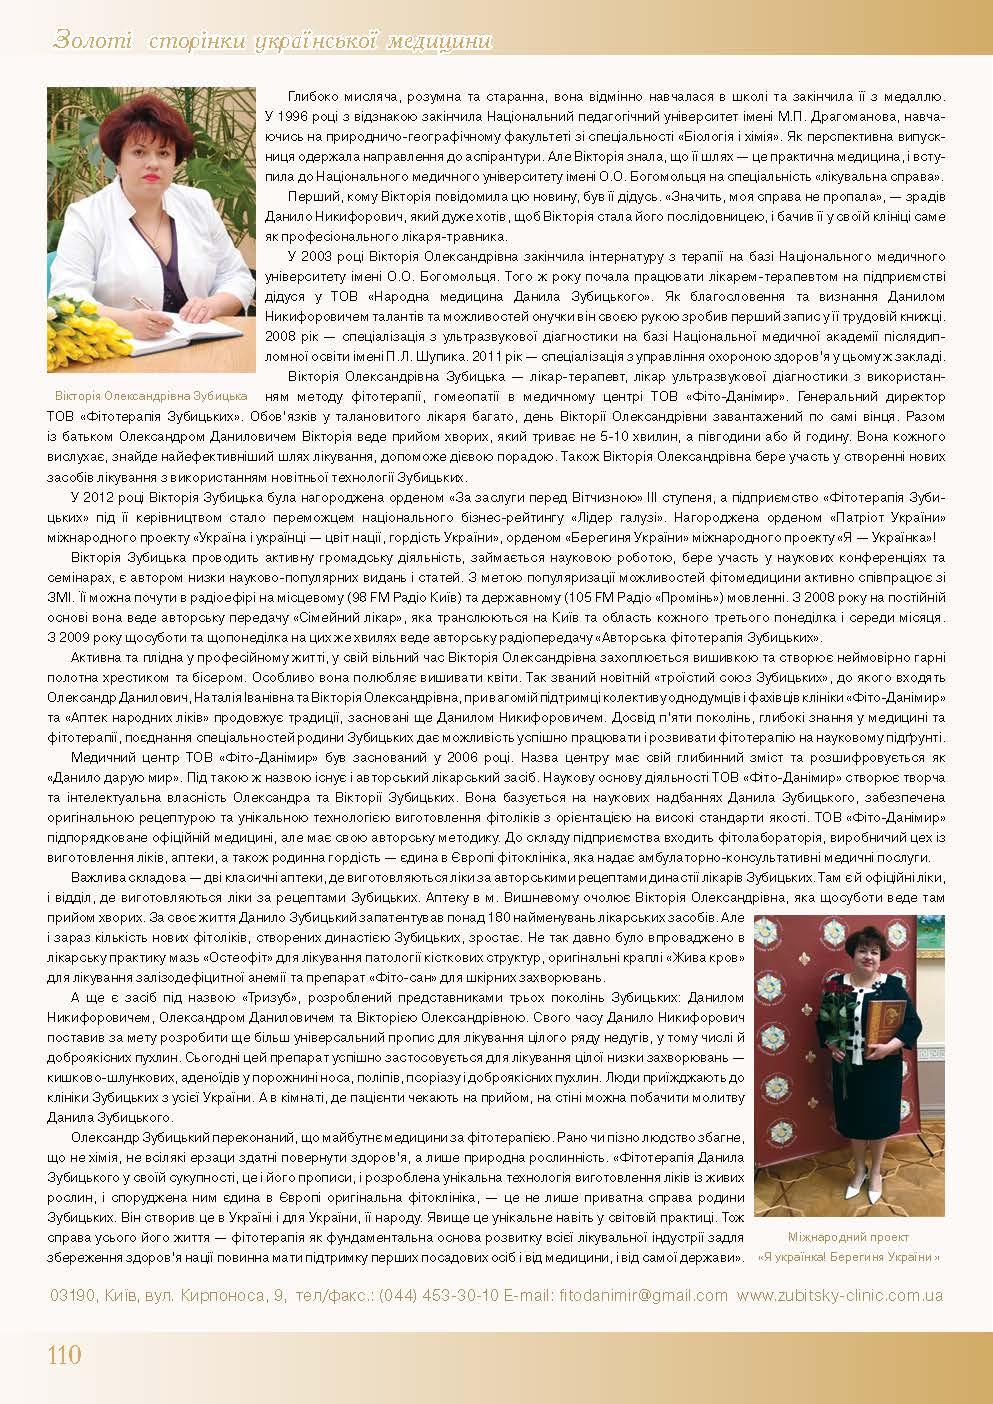 Медична династія Зубицьких